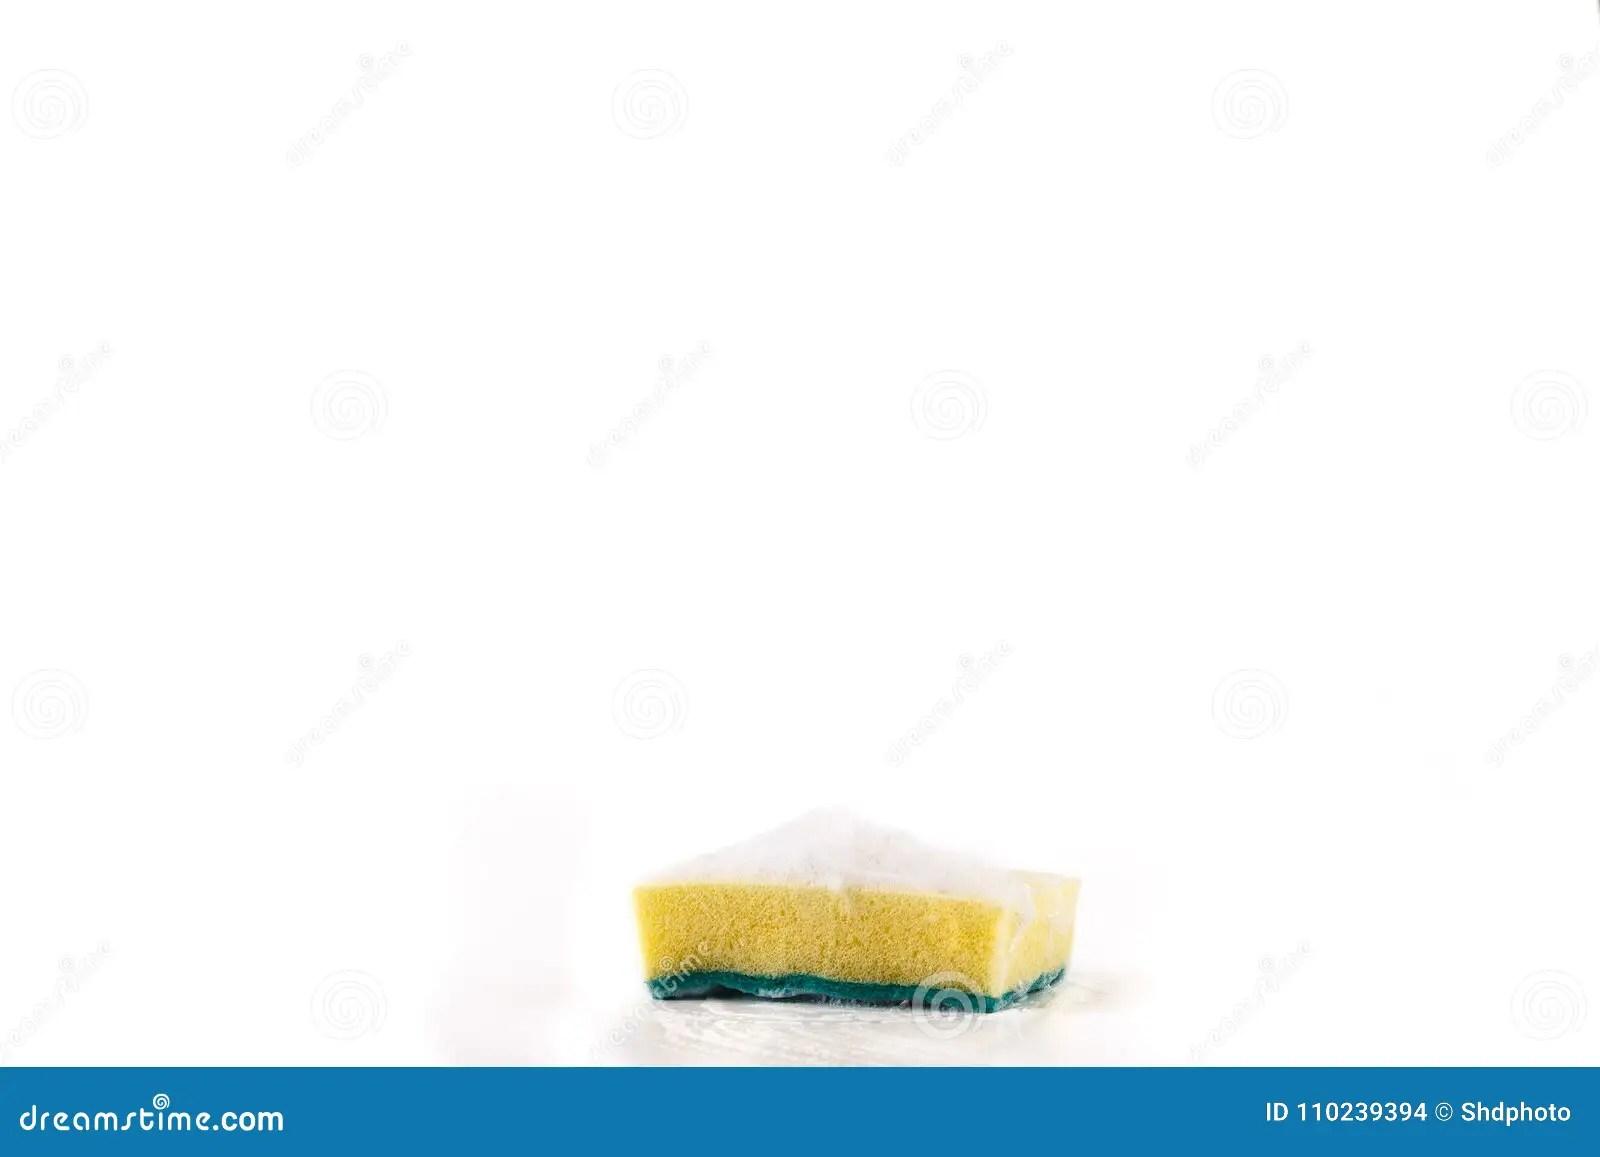 kitchen mats rolling island for 清洗的罐的擦洗用的厚垫有泡沫和黄色海绵的厨房垫 双重库存照片 图片 清洗的罐的擦洗用的厚垫有泡沫和黄色海绵的厨房